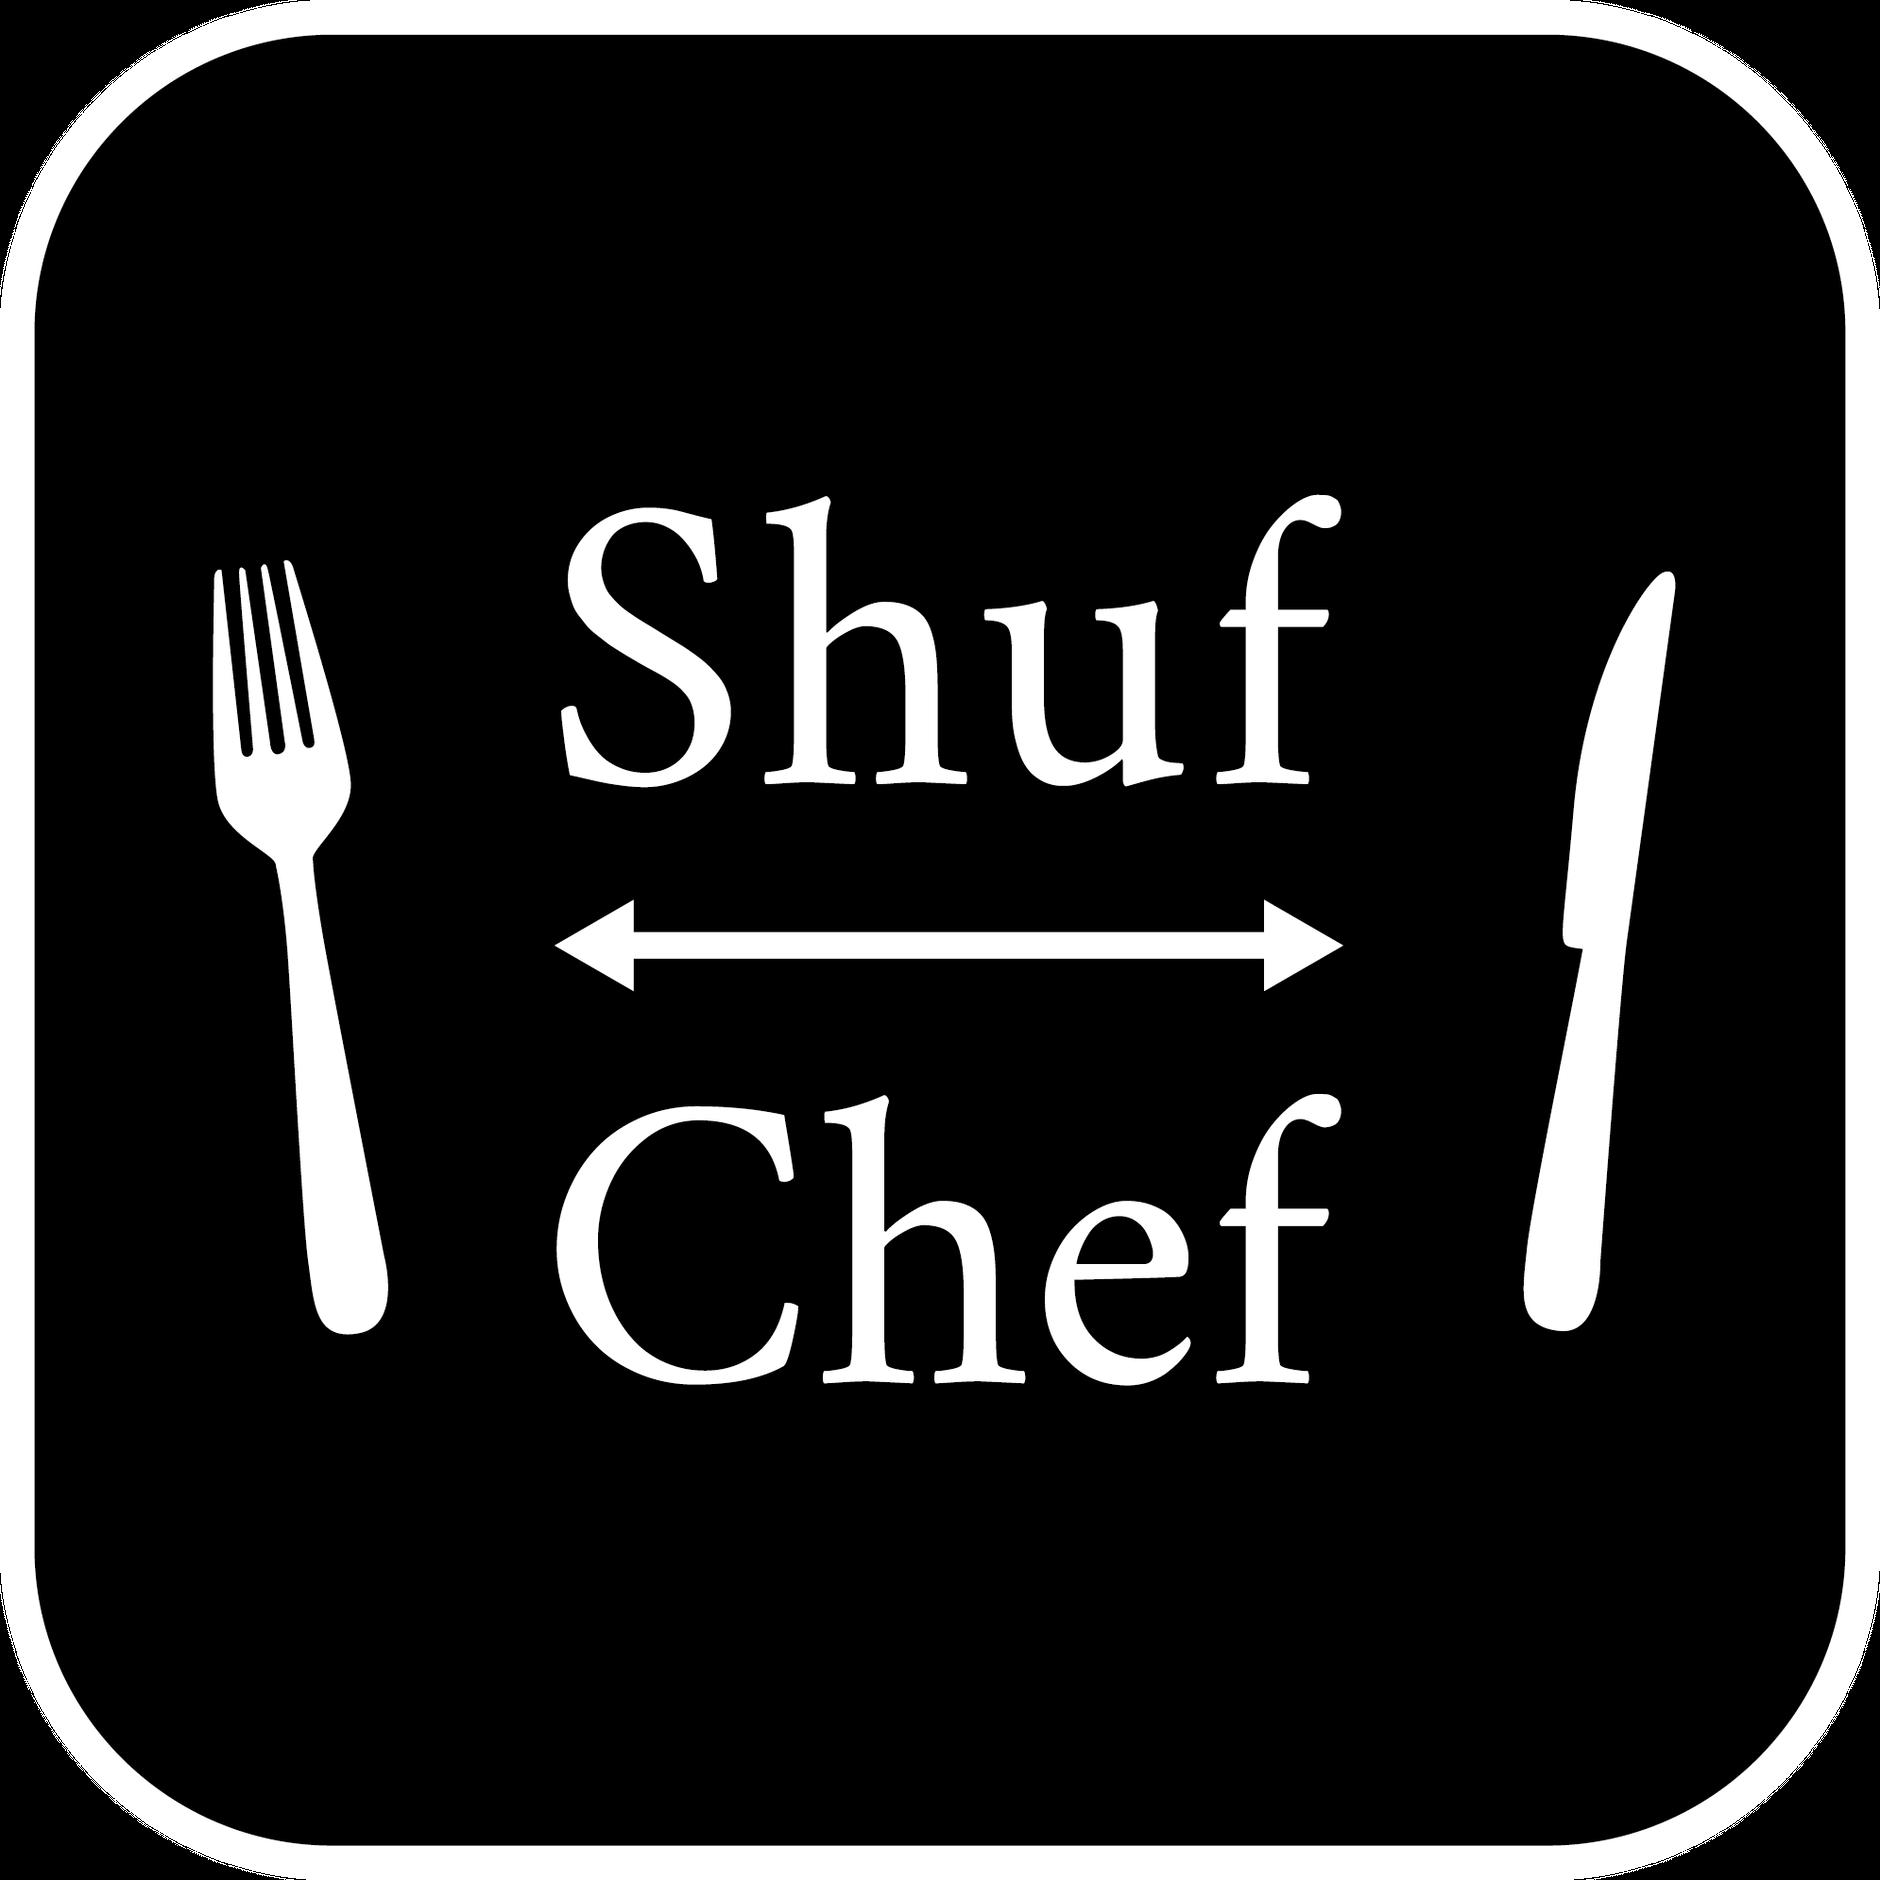 シュフシェフ 〜shuf-shef〜